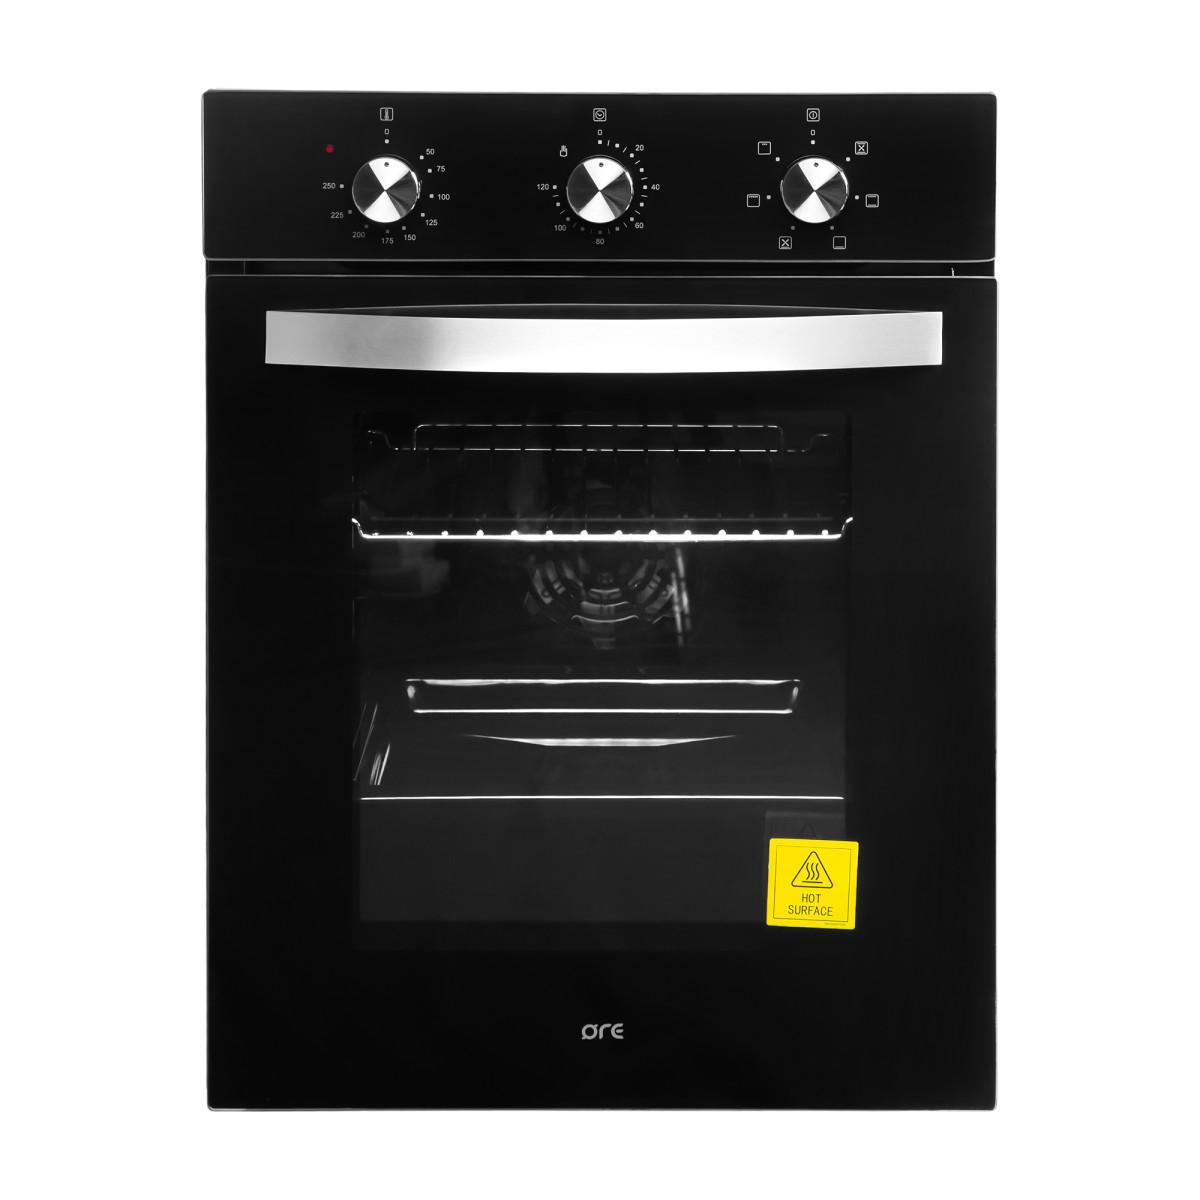 Духовой шкаф электрический ORE VS45B 59.5x44.8x54.5 см цвет чёрный